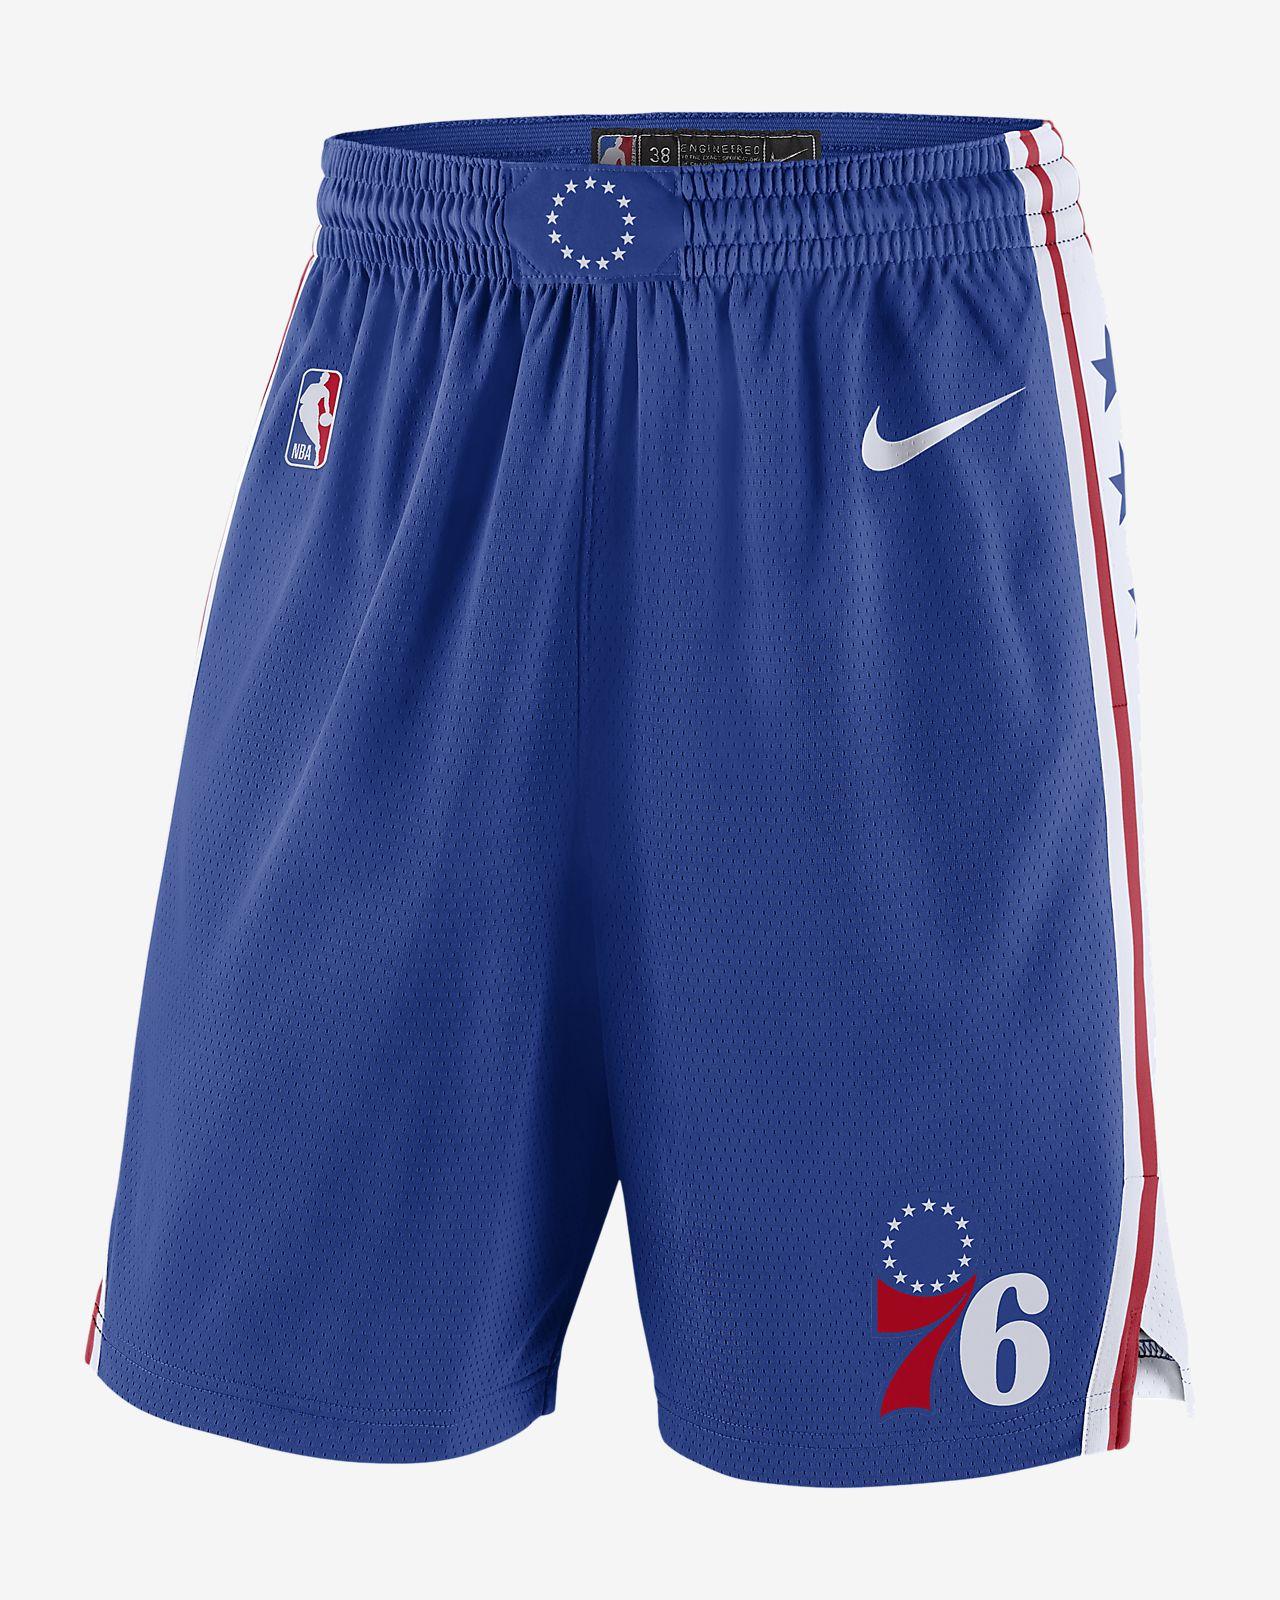 Philadelphia 76ers Icon Edition Swingman Nike NBA-herenshorts